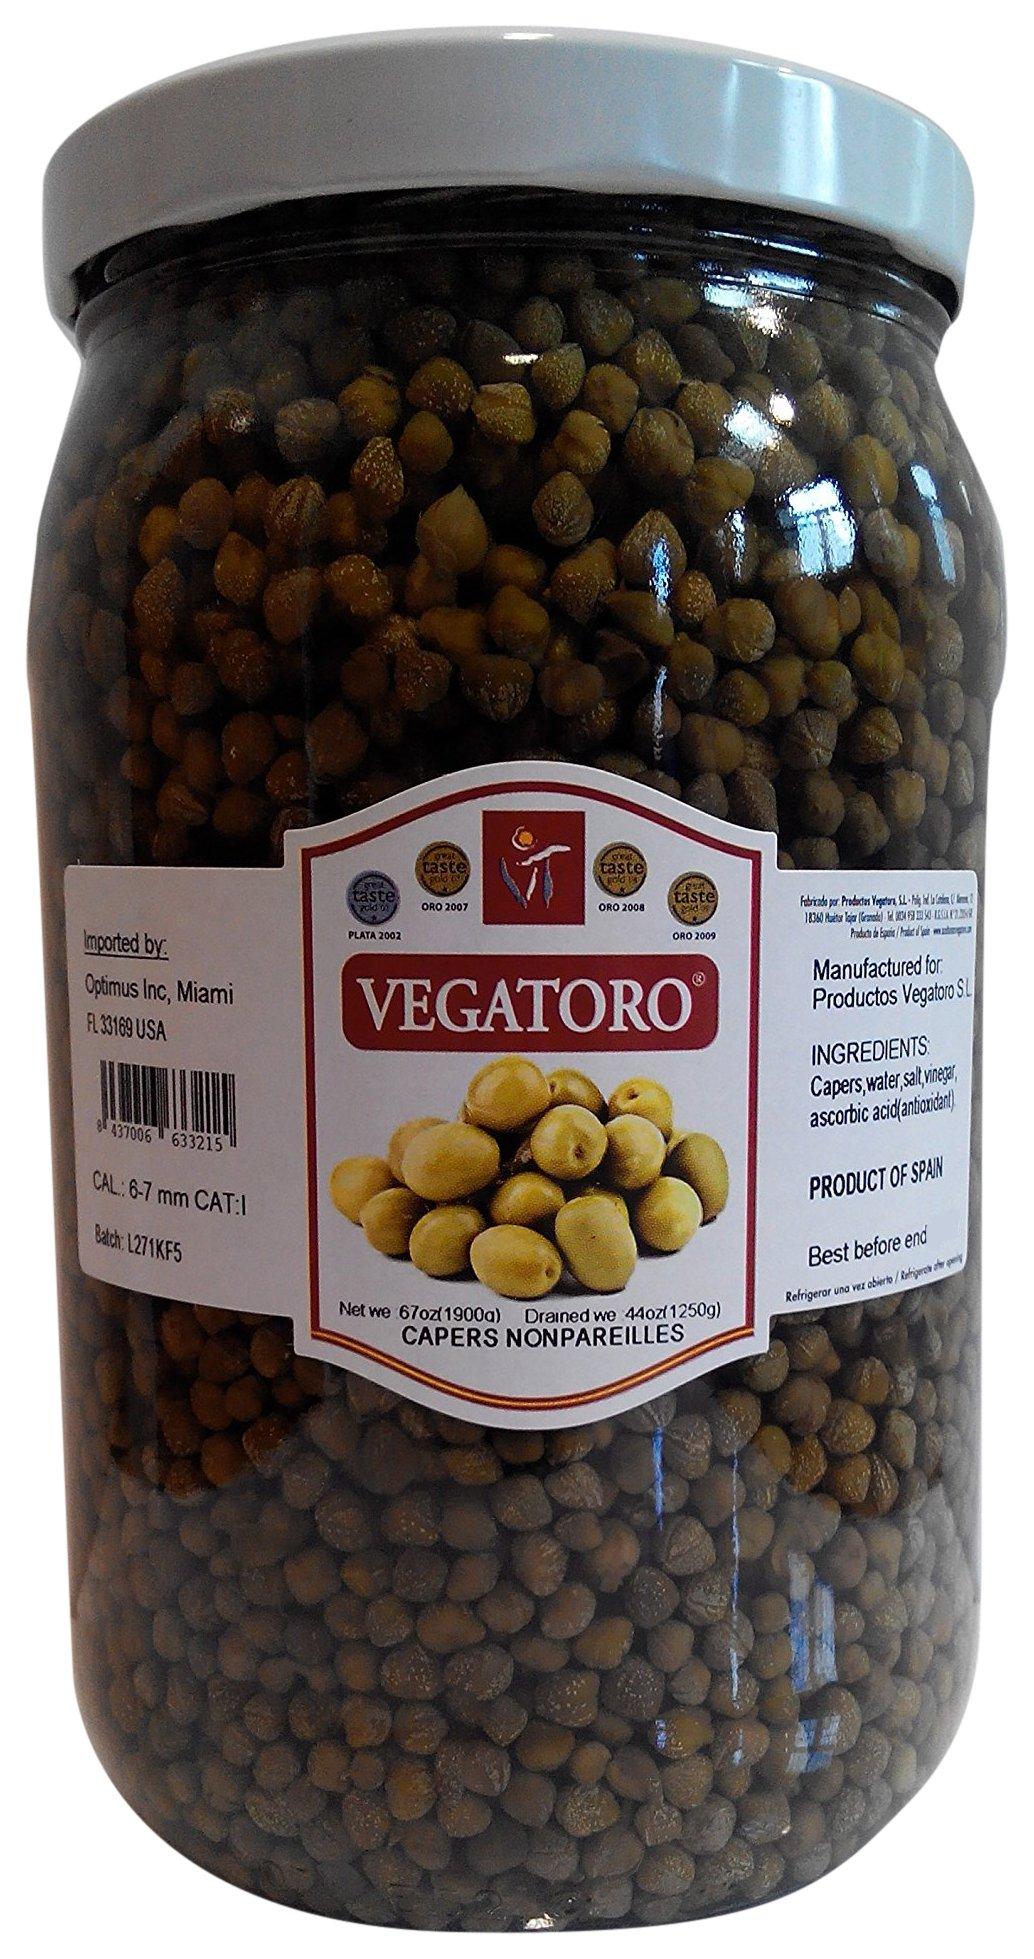 Vegatoro Capers Nonpareilles in Brine, 67 oz.